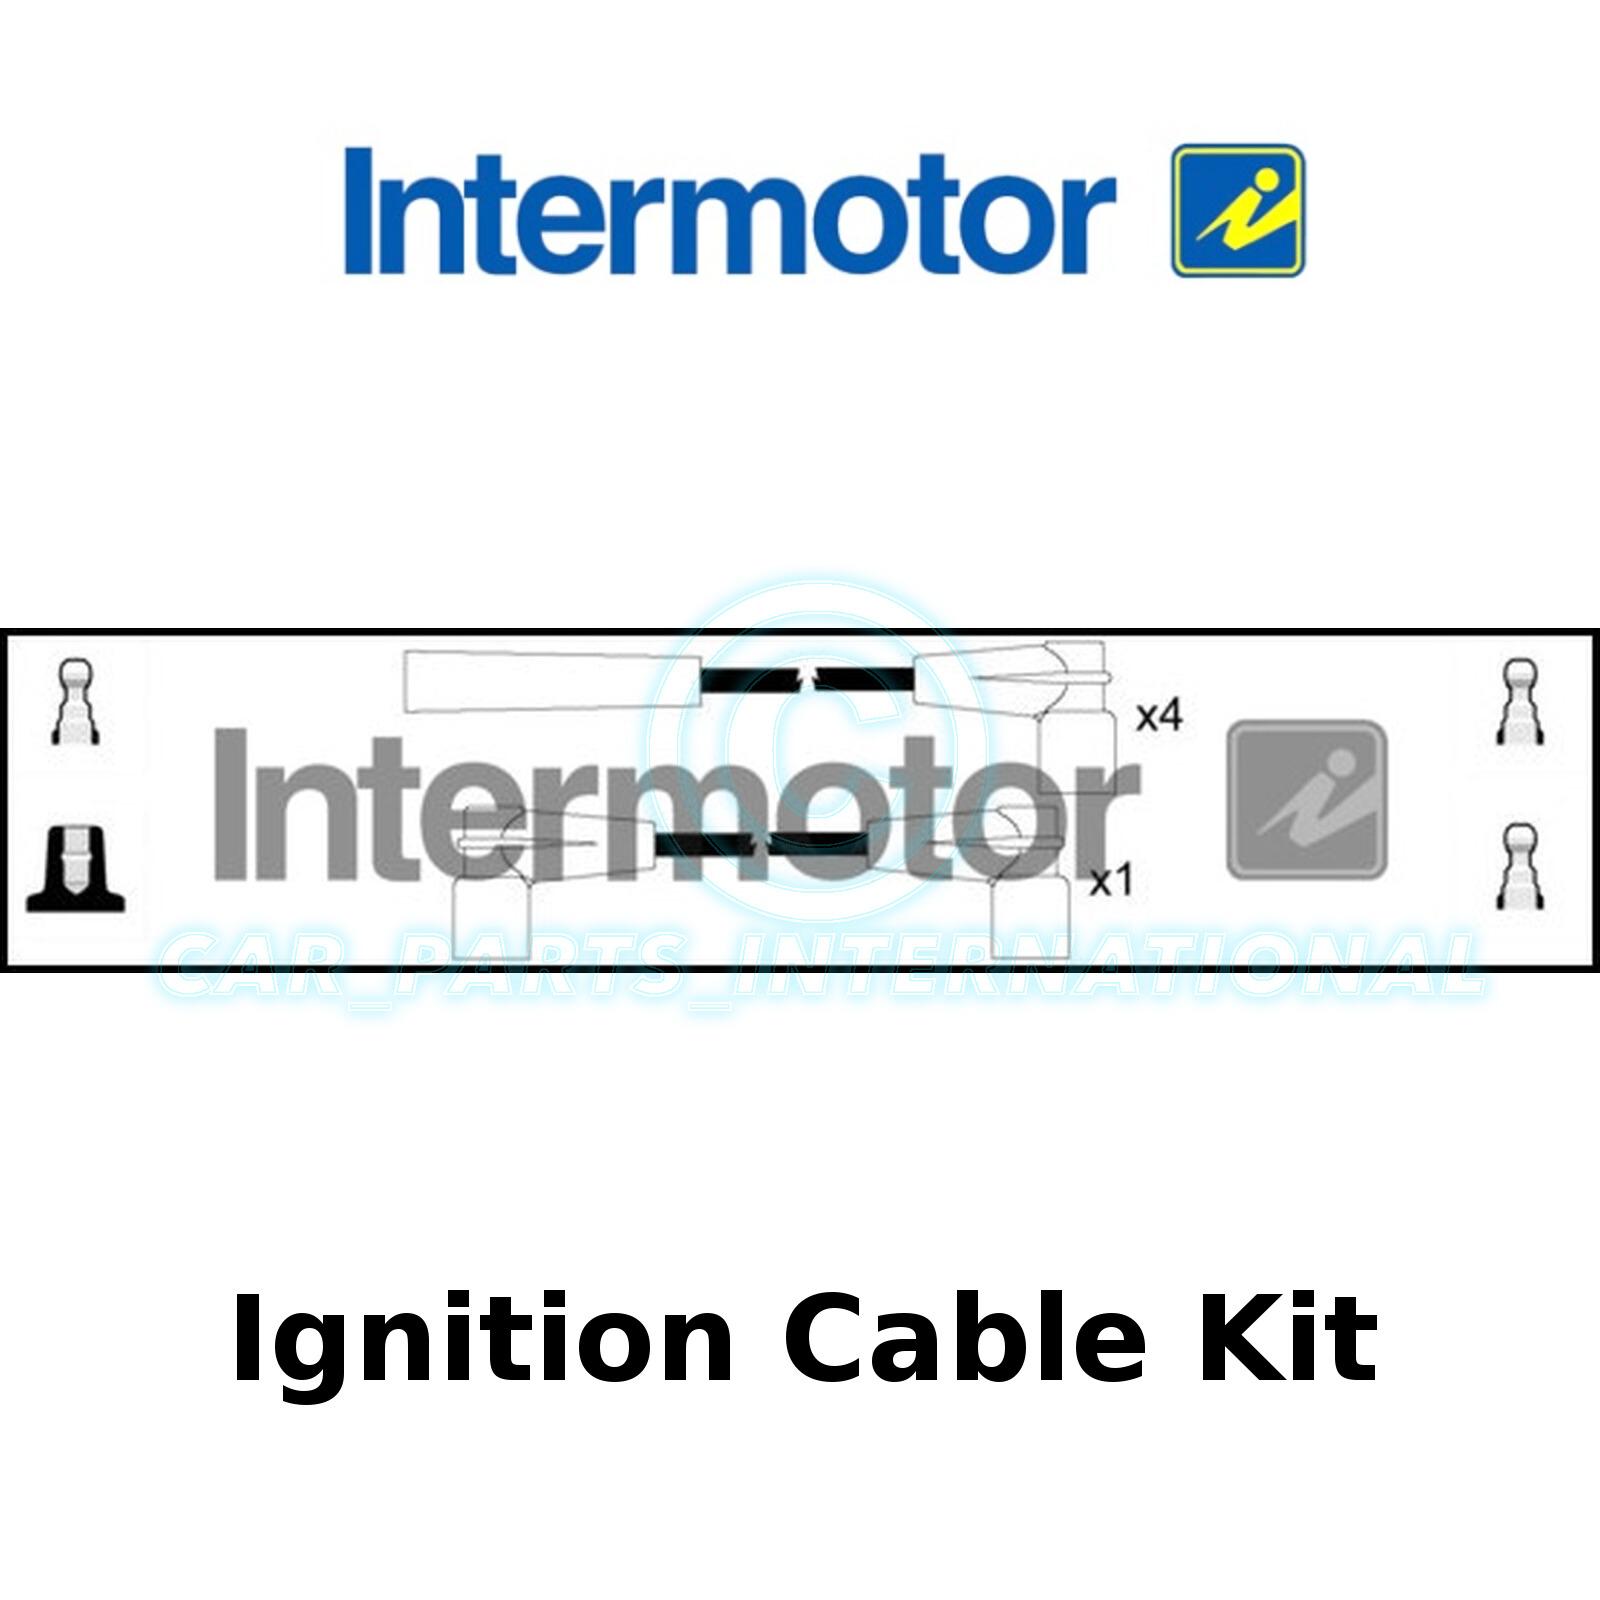 Intermotor Kit De Cable De Reemplazo De Calidad OE Genuino conduce